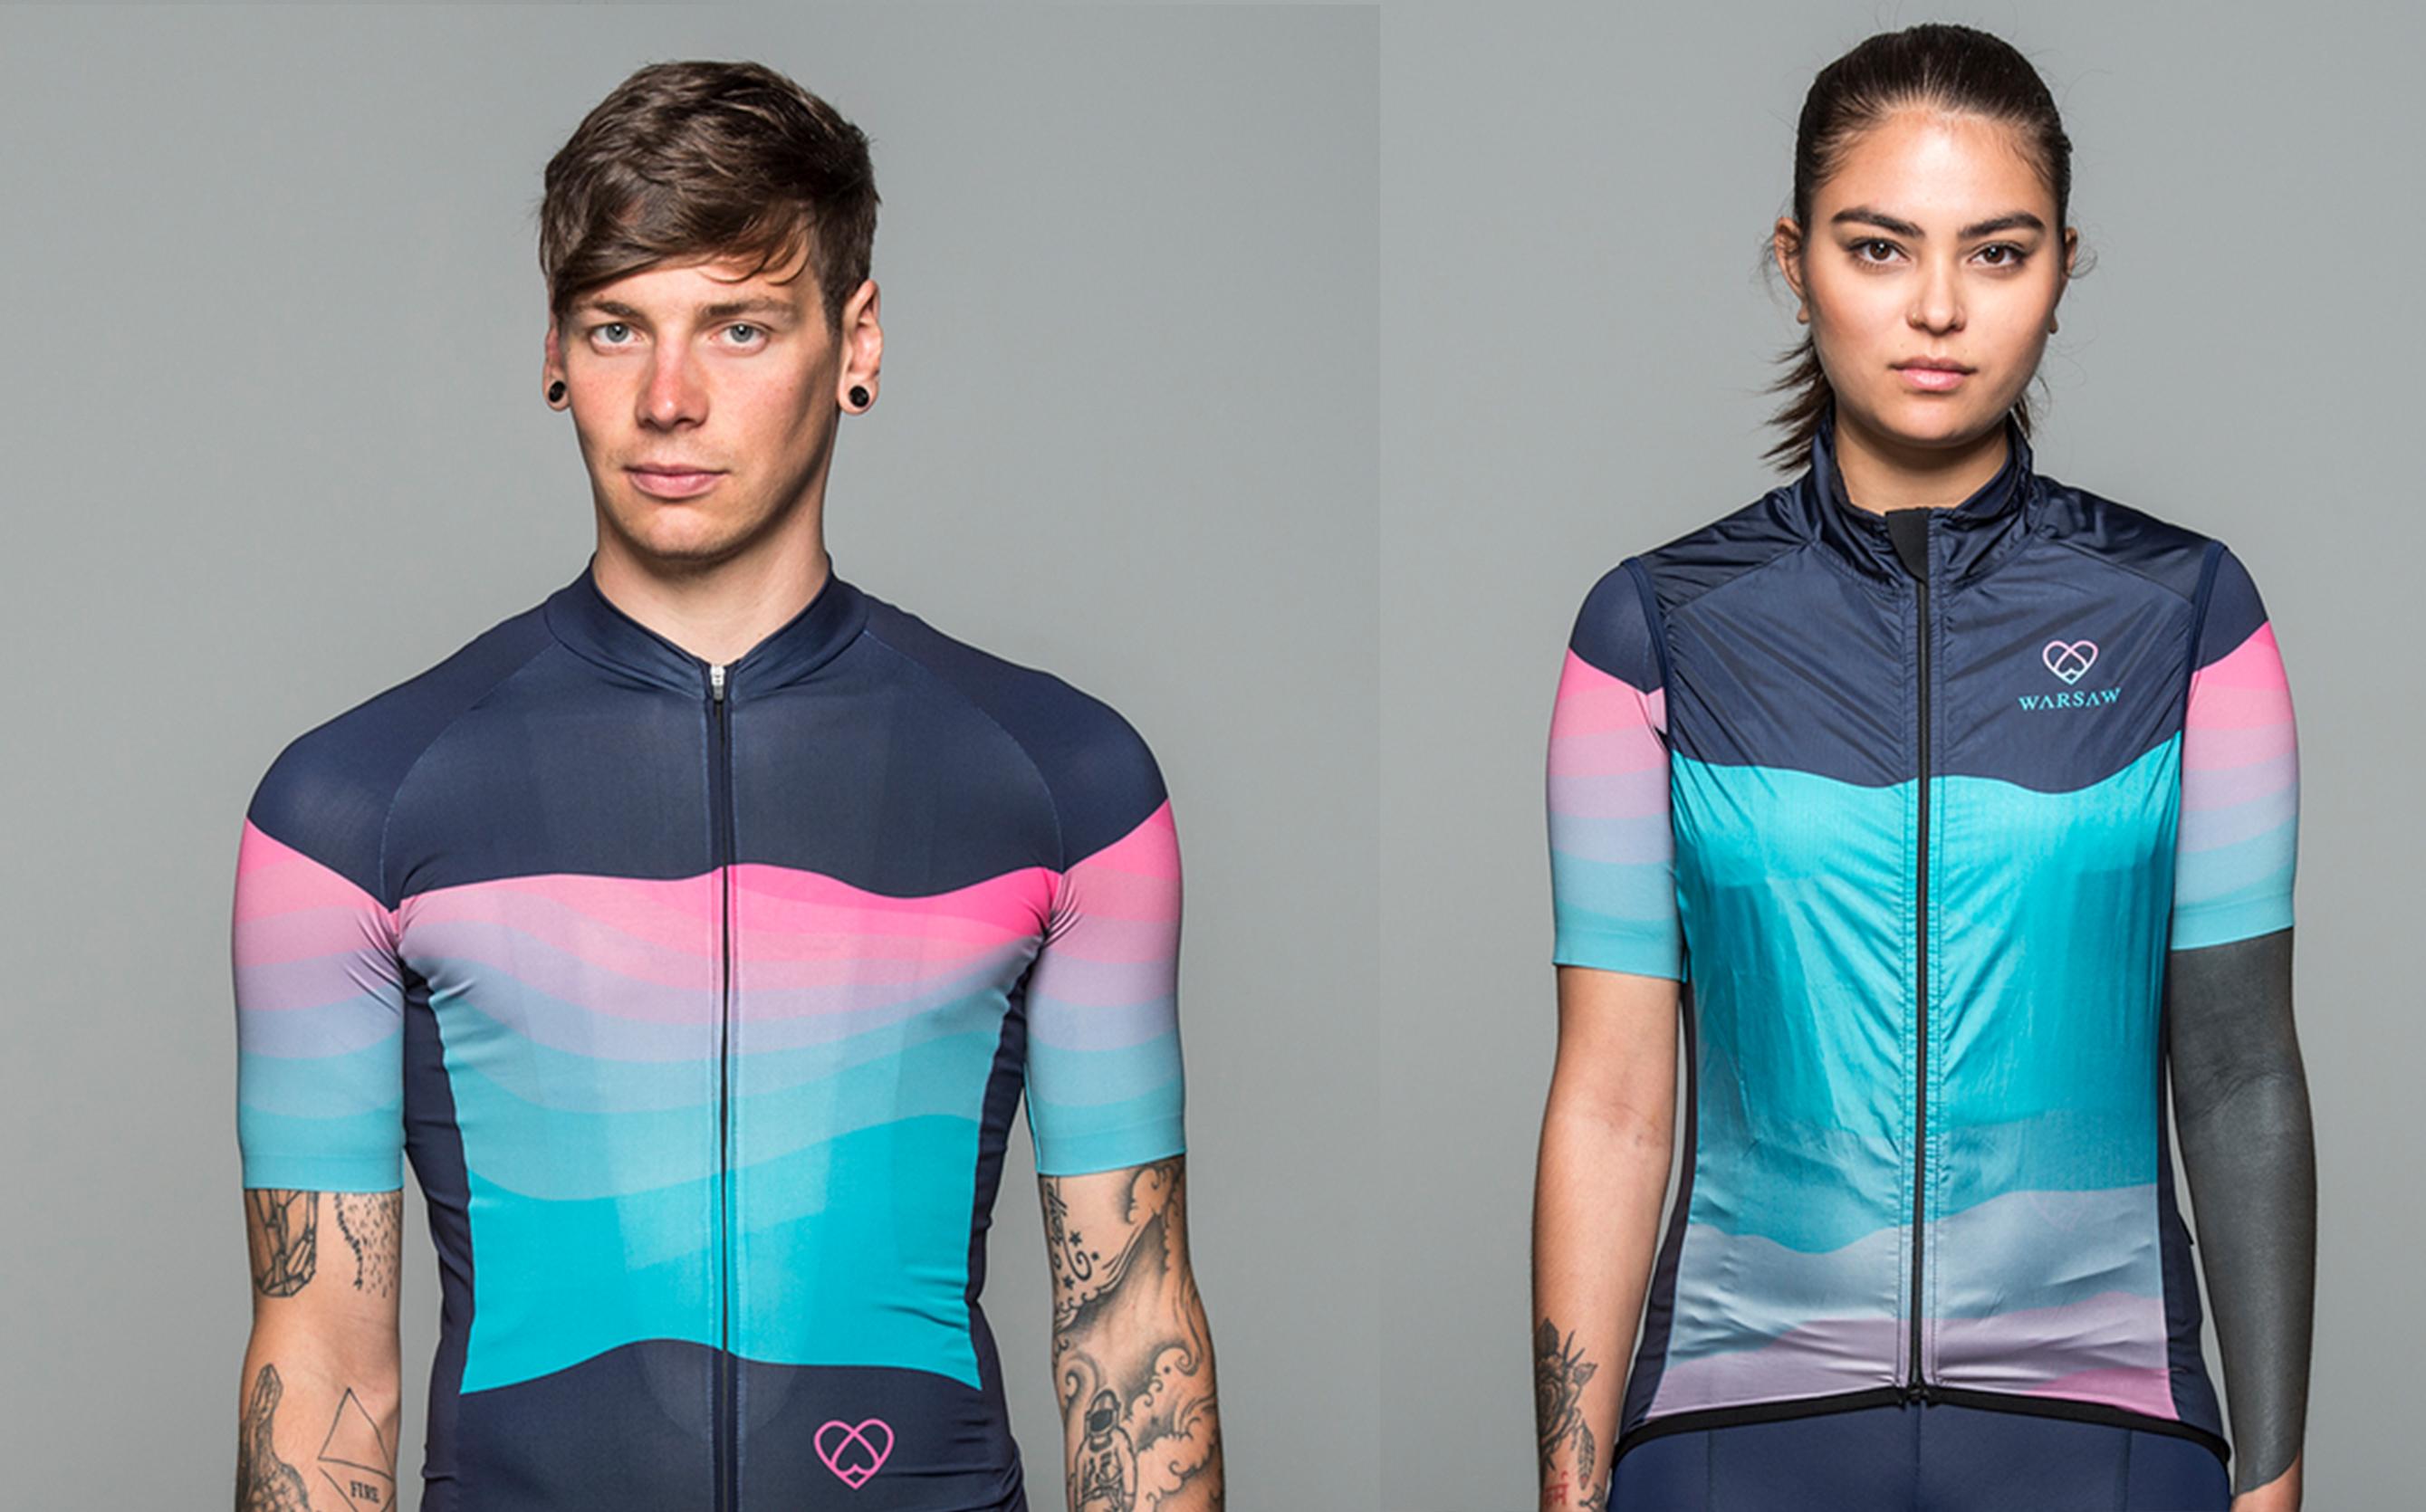 5x matching fietskleding voor hem en haar | Fiets.nl Race